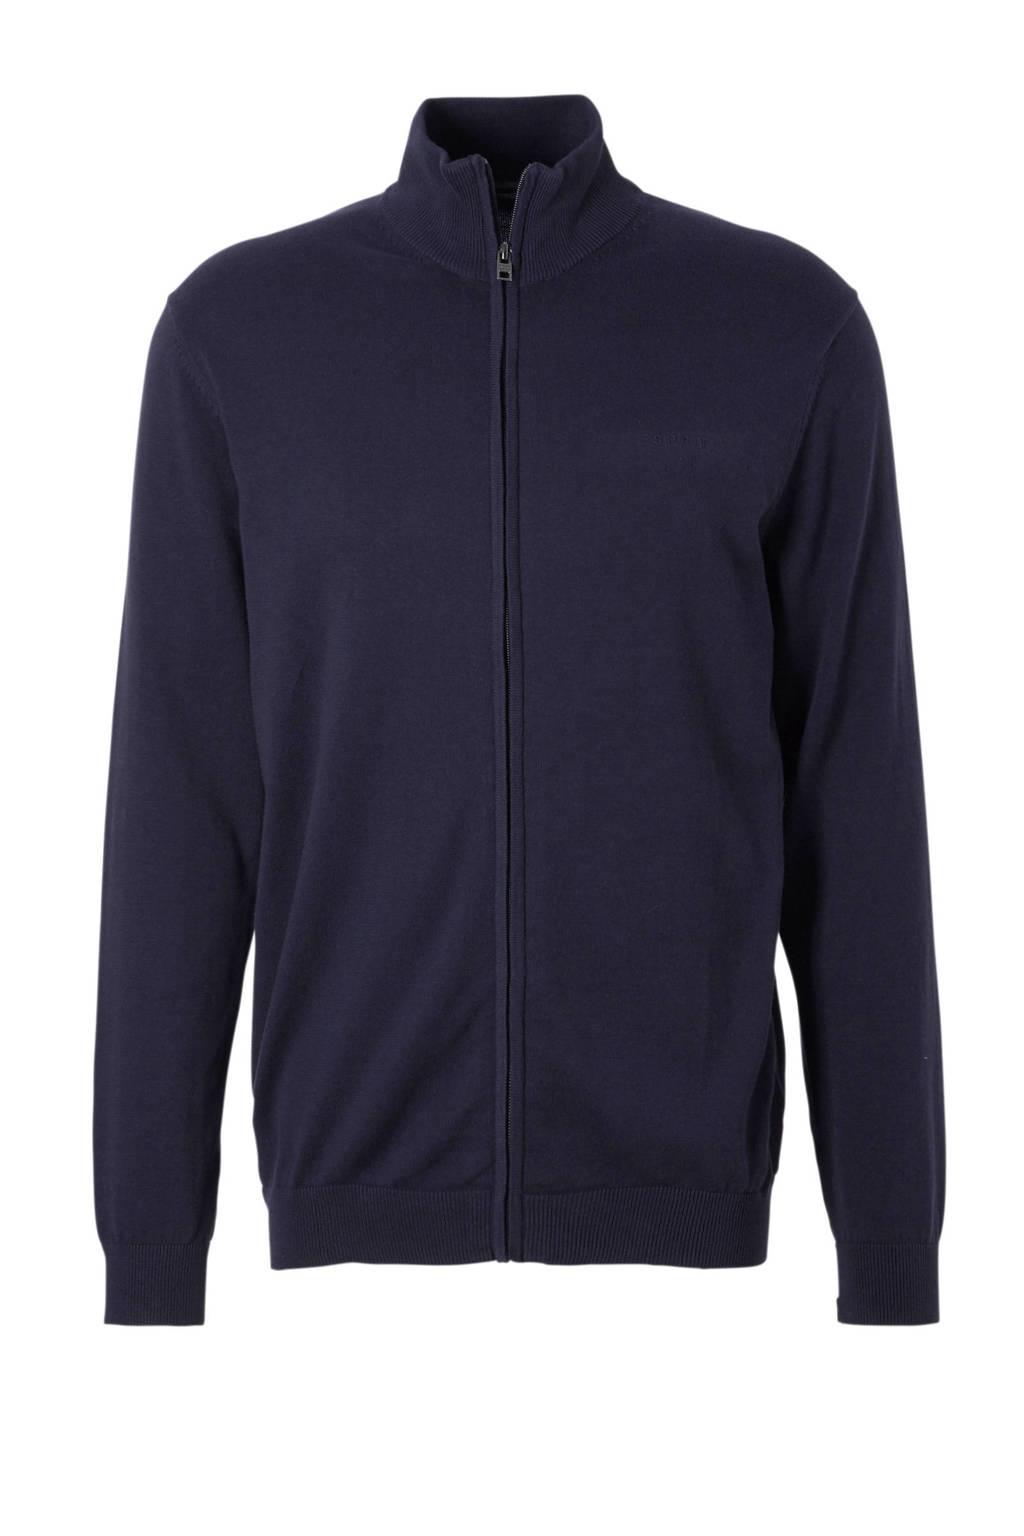 ESPRIT Men Casual vest, Blauw